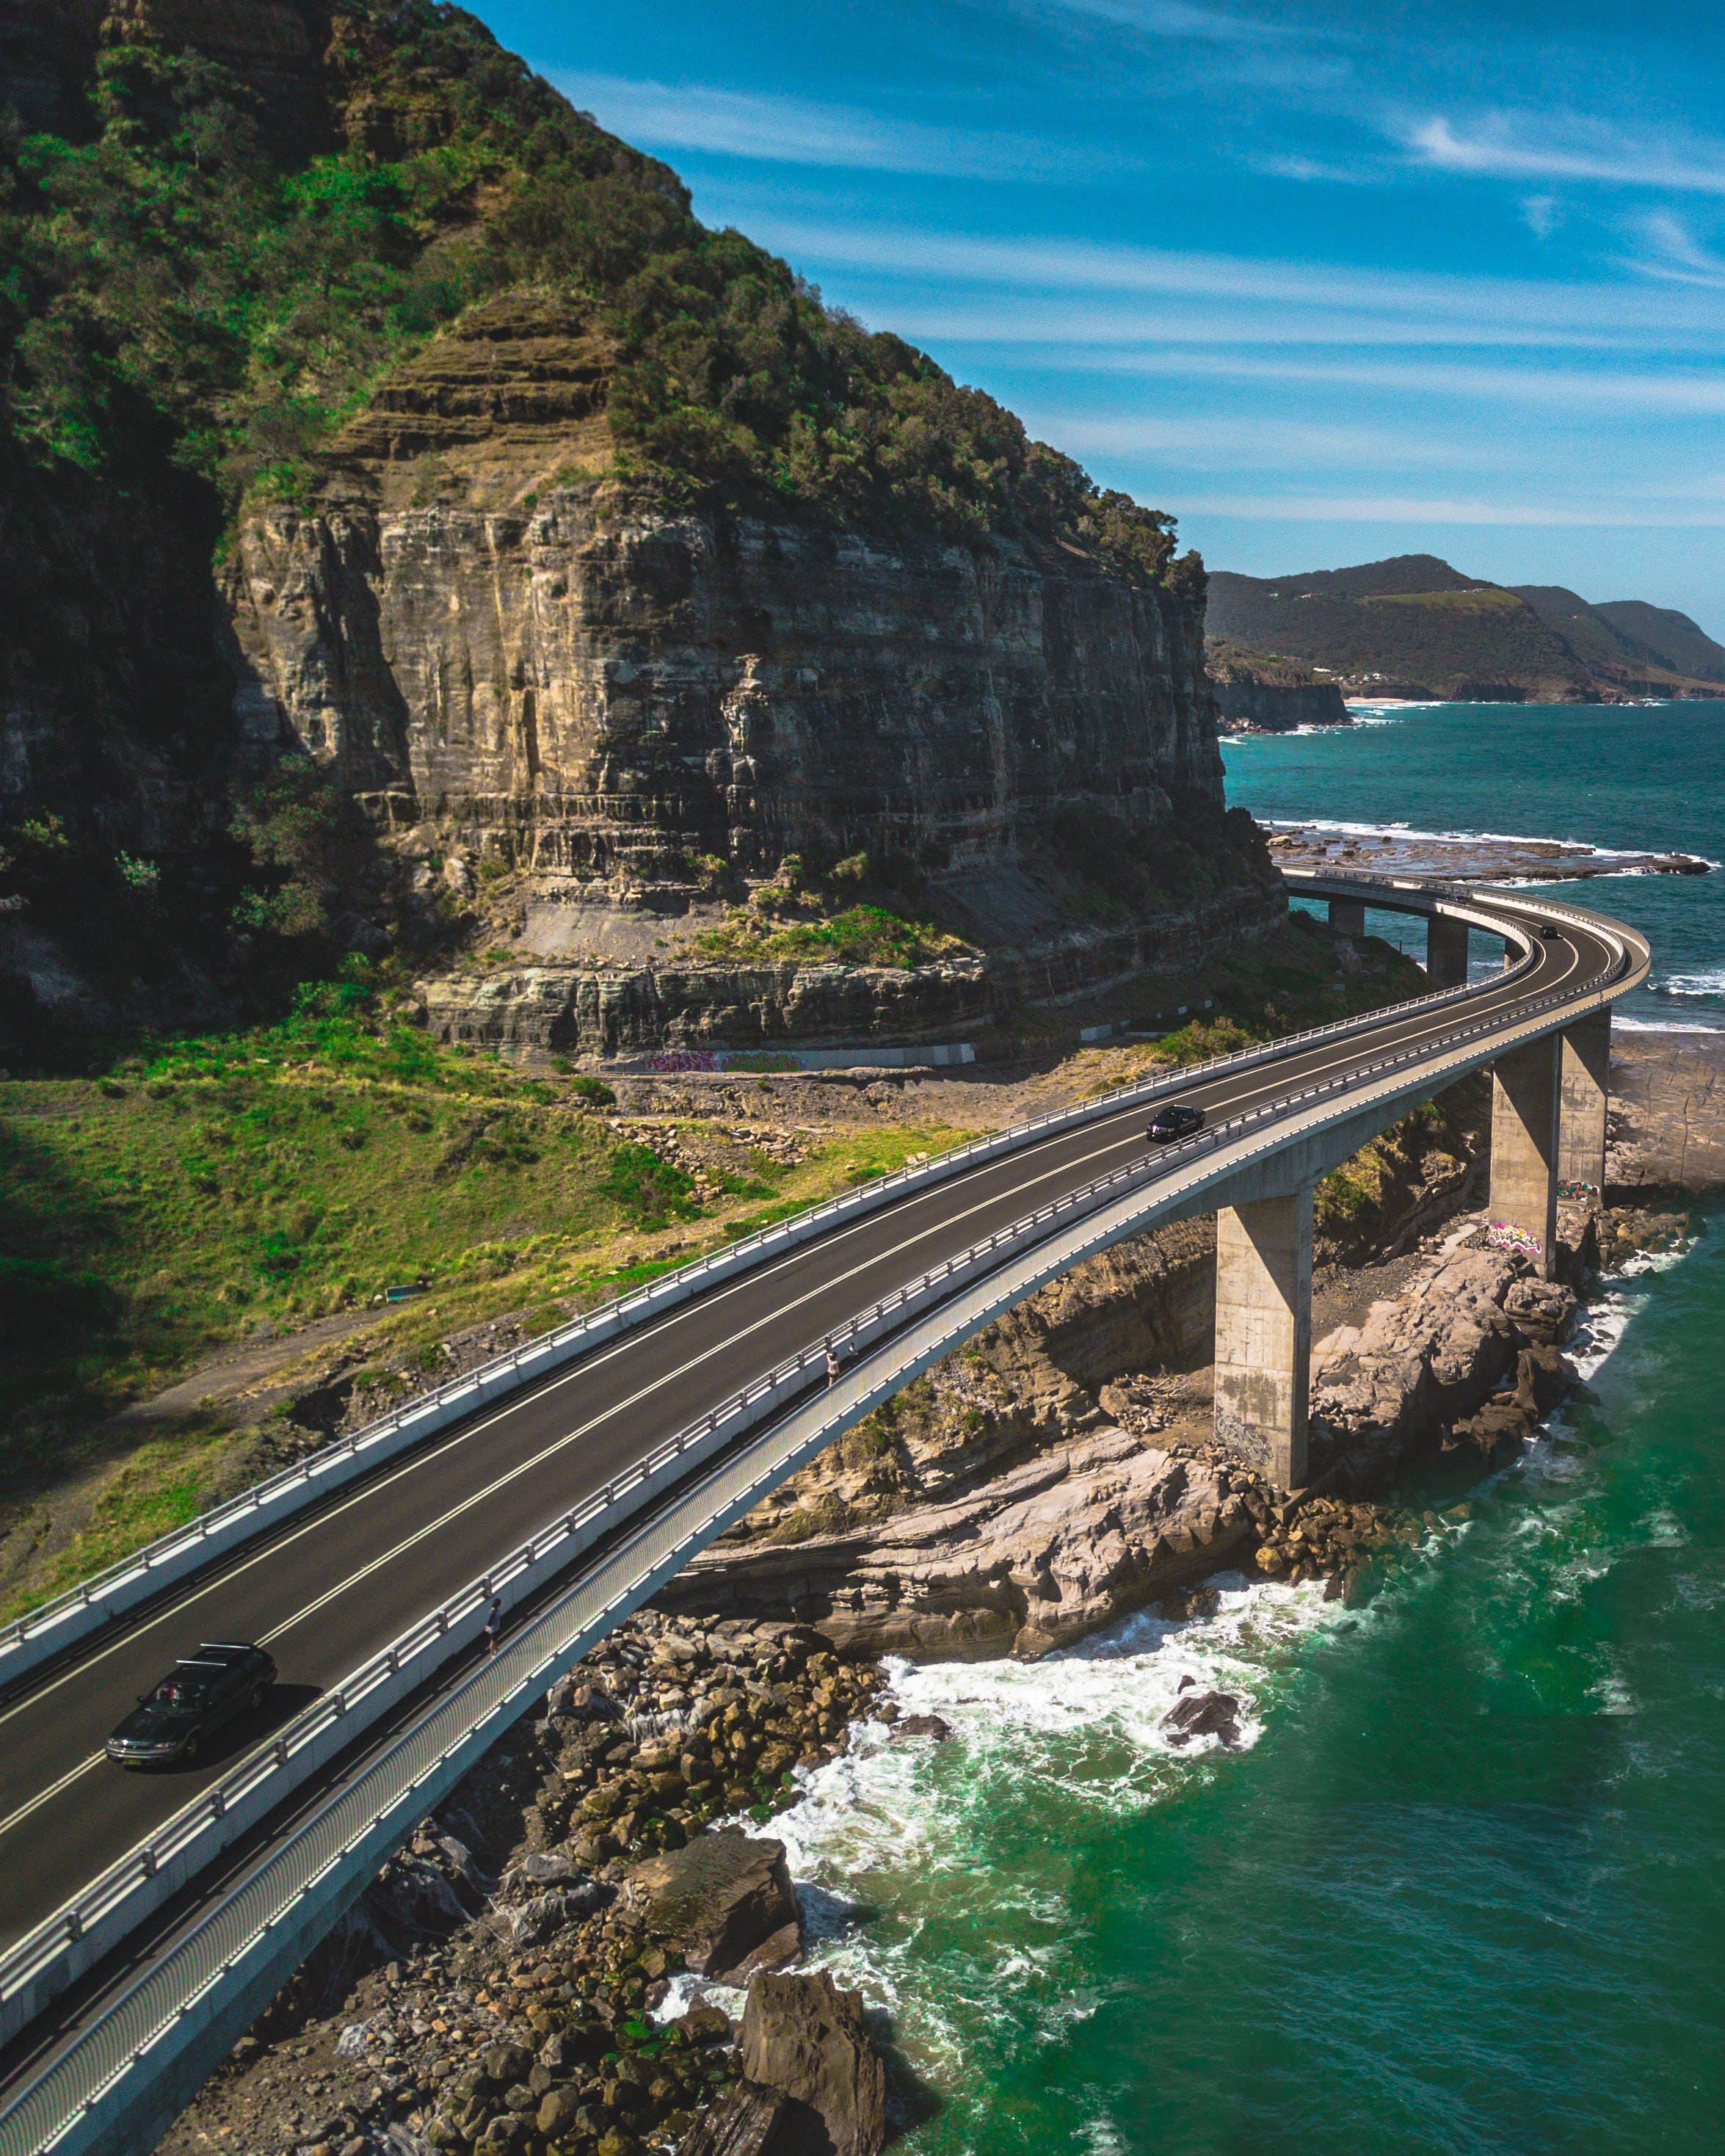 Foto d'estoc gratuïta de carretera, Costa, des de dalt, foto aèria